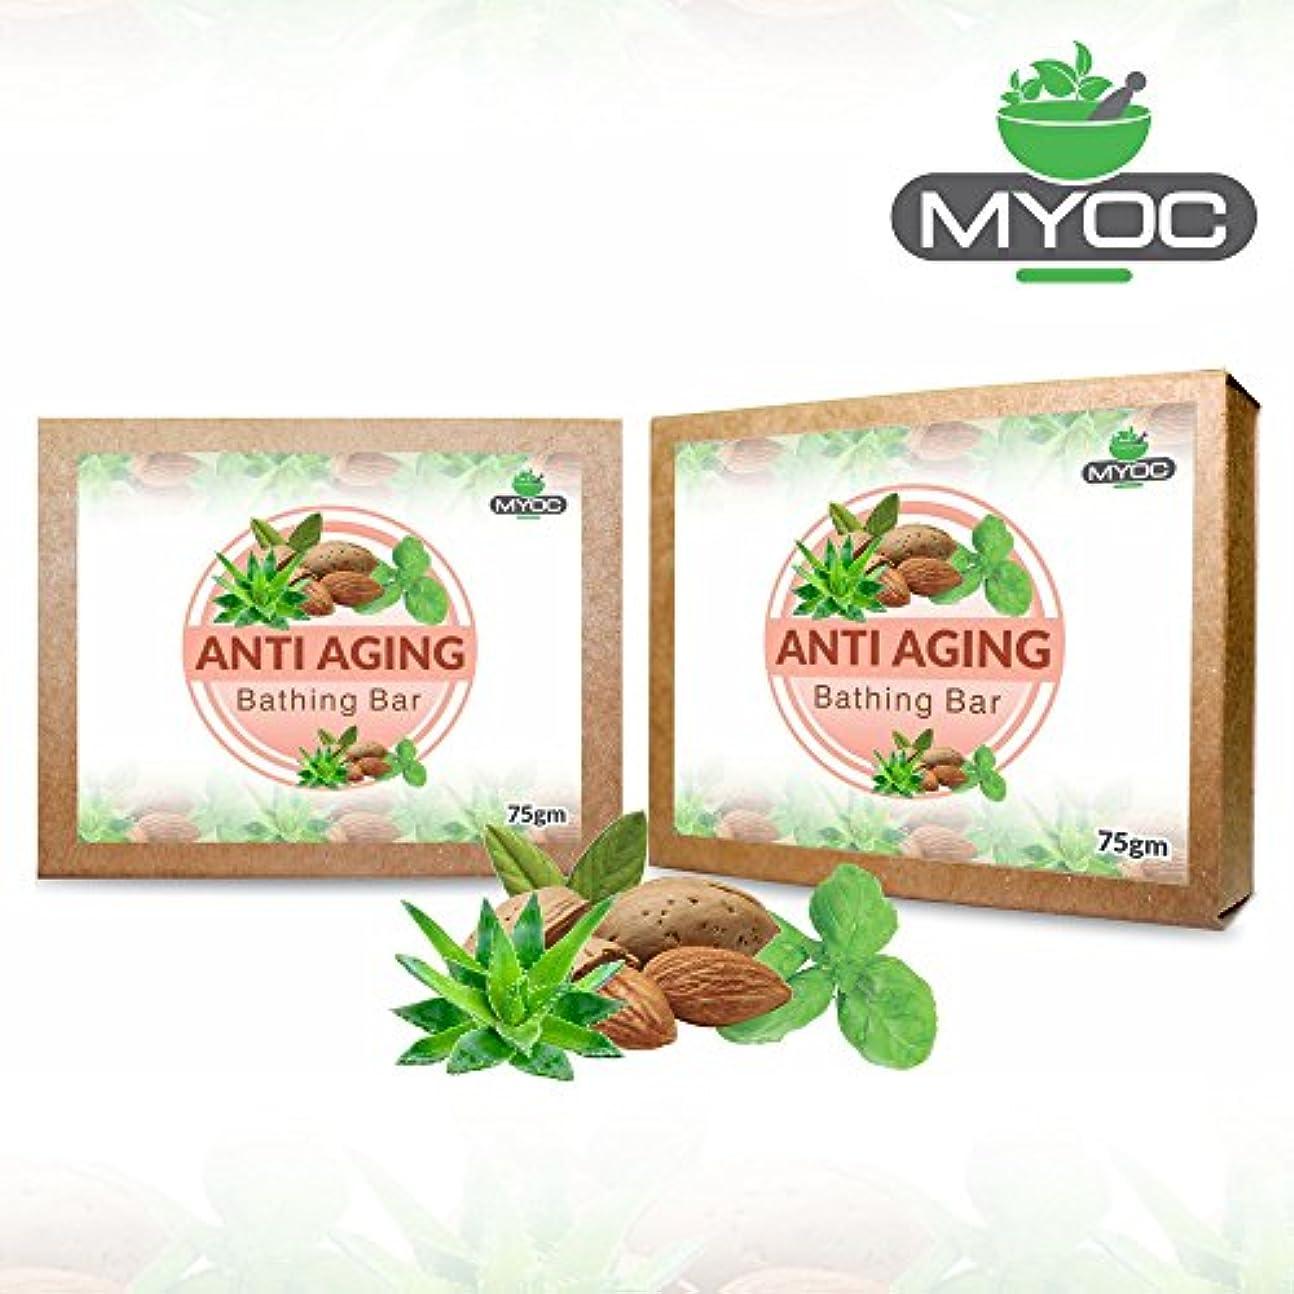 クリーム震えエッセイAloe vera, Basil, Almond oil, Avocado oil, Eveneing Primrose, Vitamin E and Glycerine soap for glowing skin. Rejuvenates...